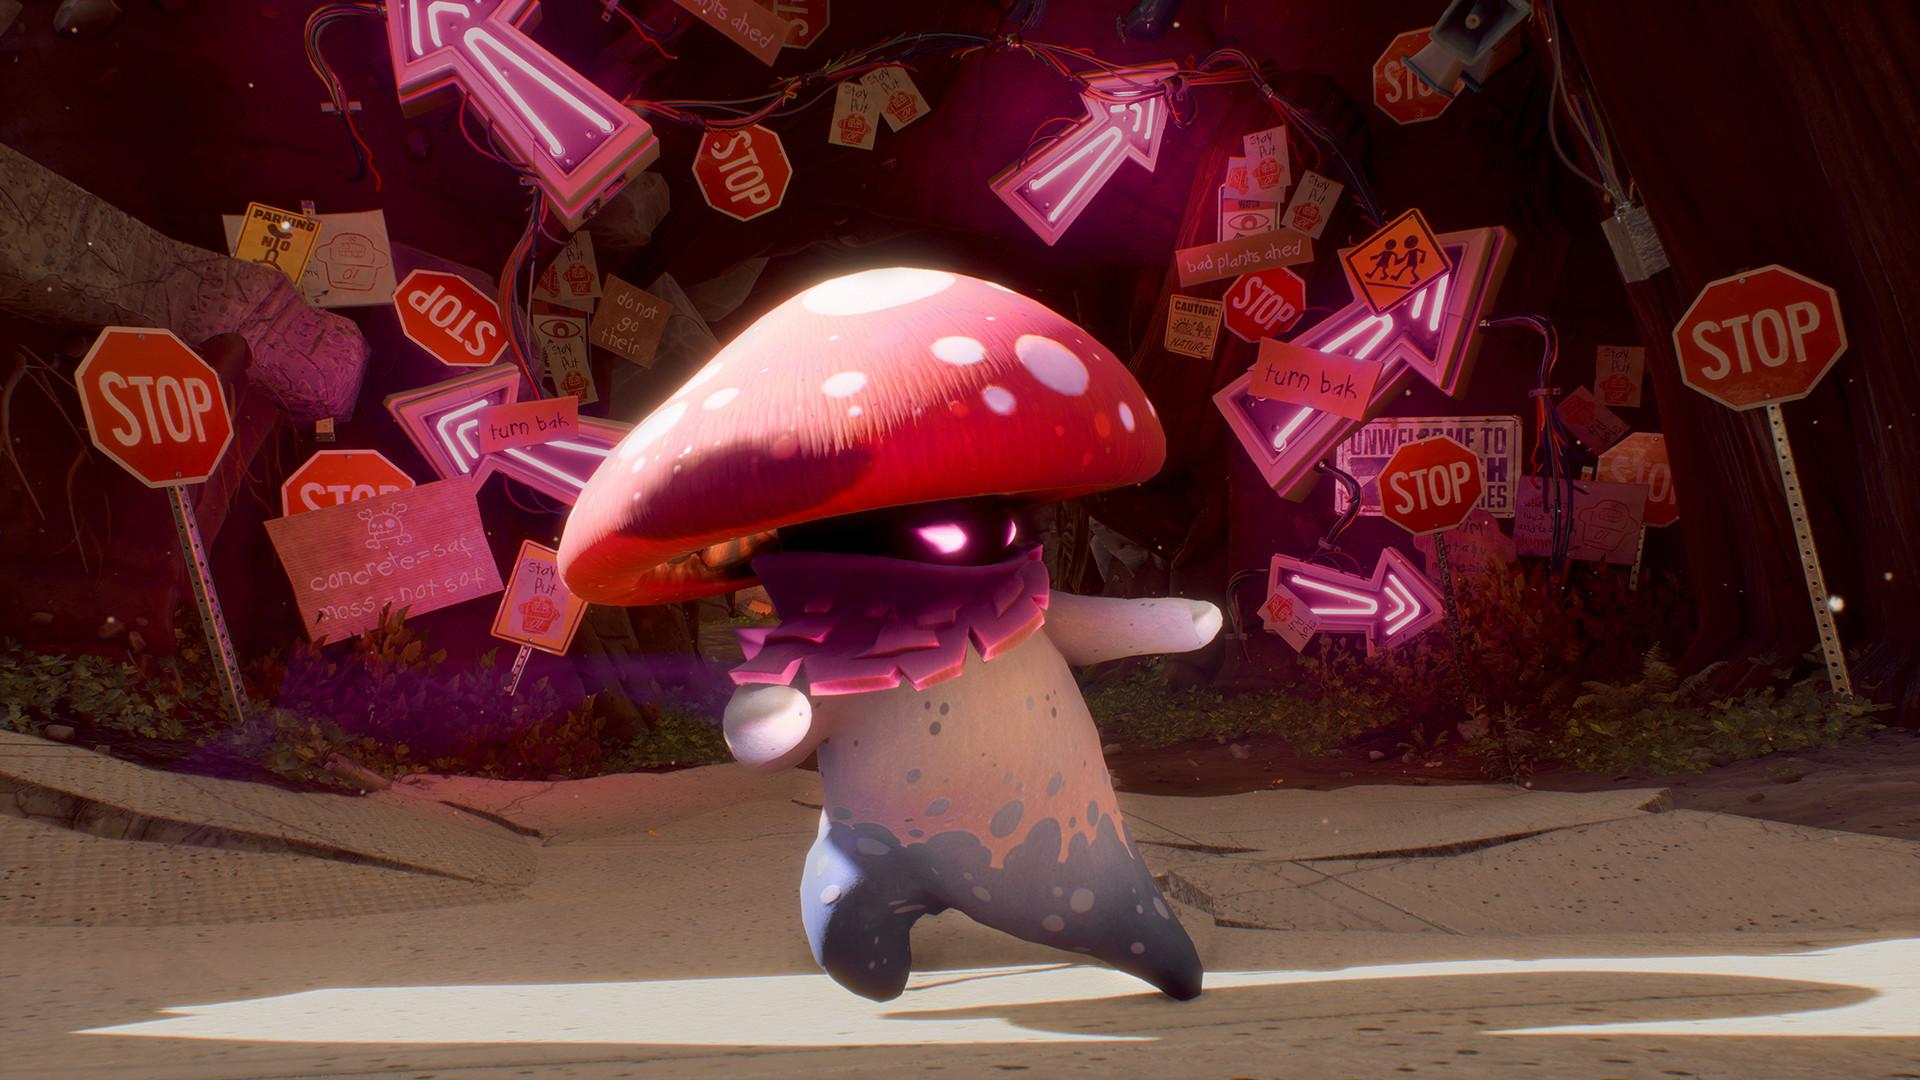 《植物大战僵尸:和睦小镇保卫战》Steam价格永降 从228降至198